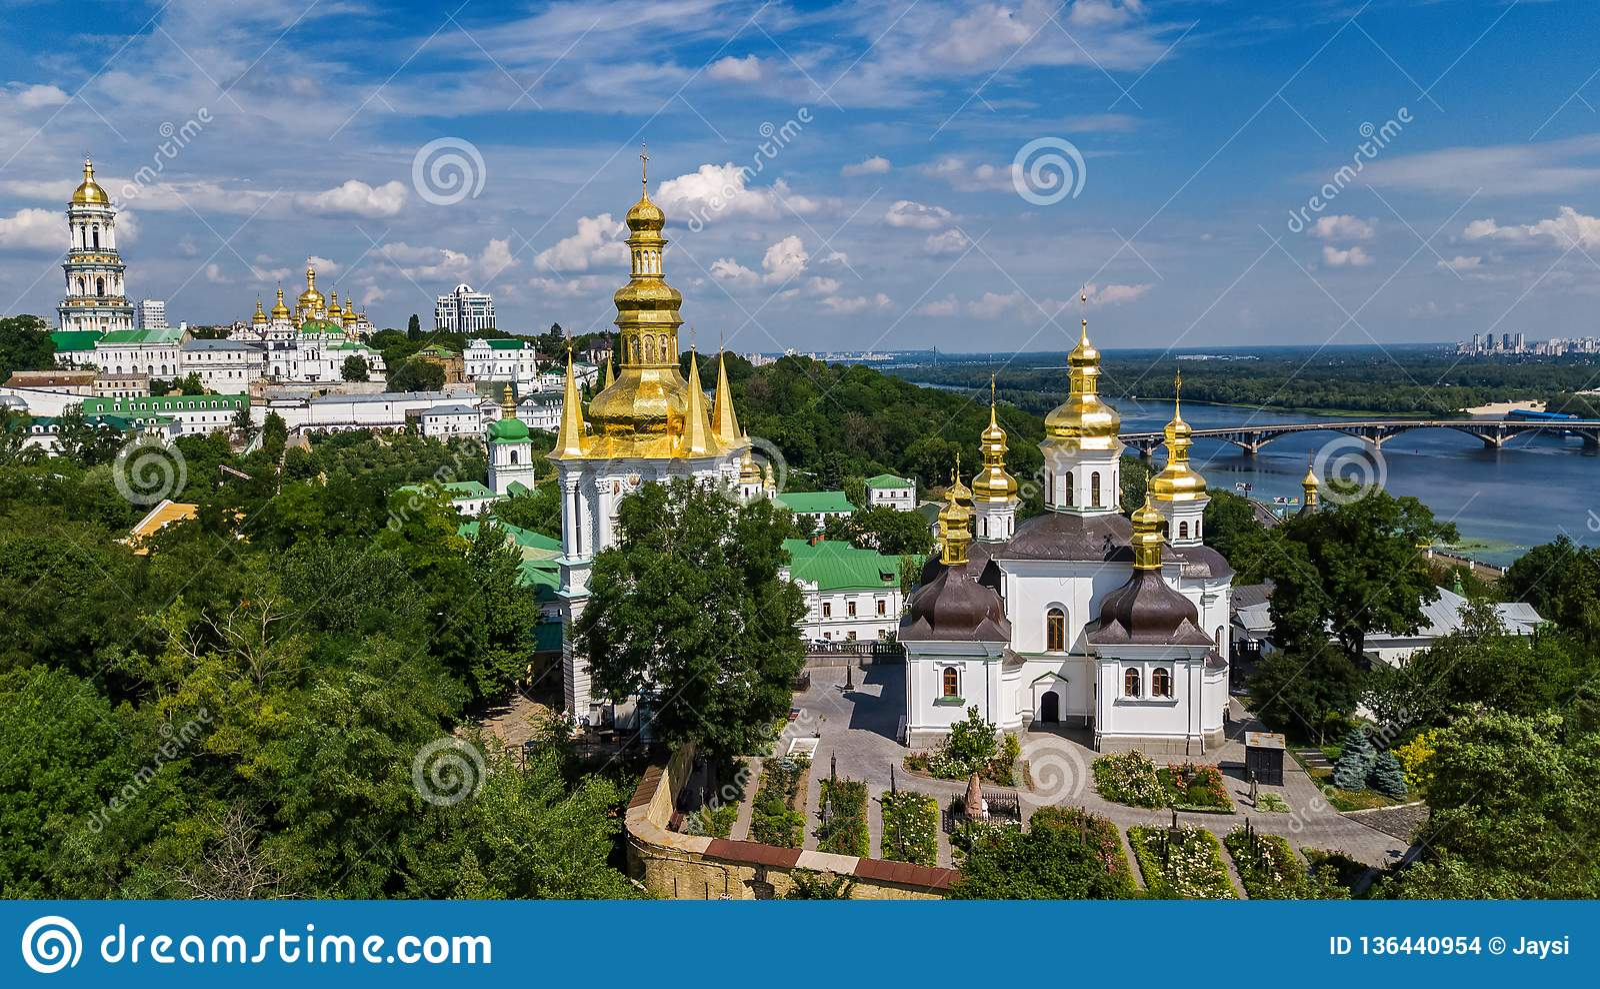 Powietrzny trutnia widok Kijowscy Pechersk Lavra kościół na wzgórzach z góry, pejzaż miejski Kyiv miasto, Ukraina